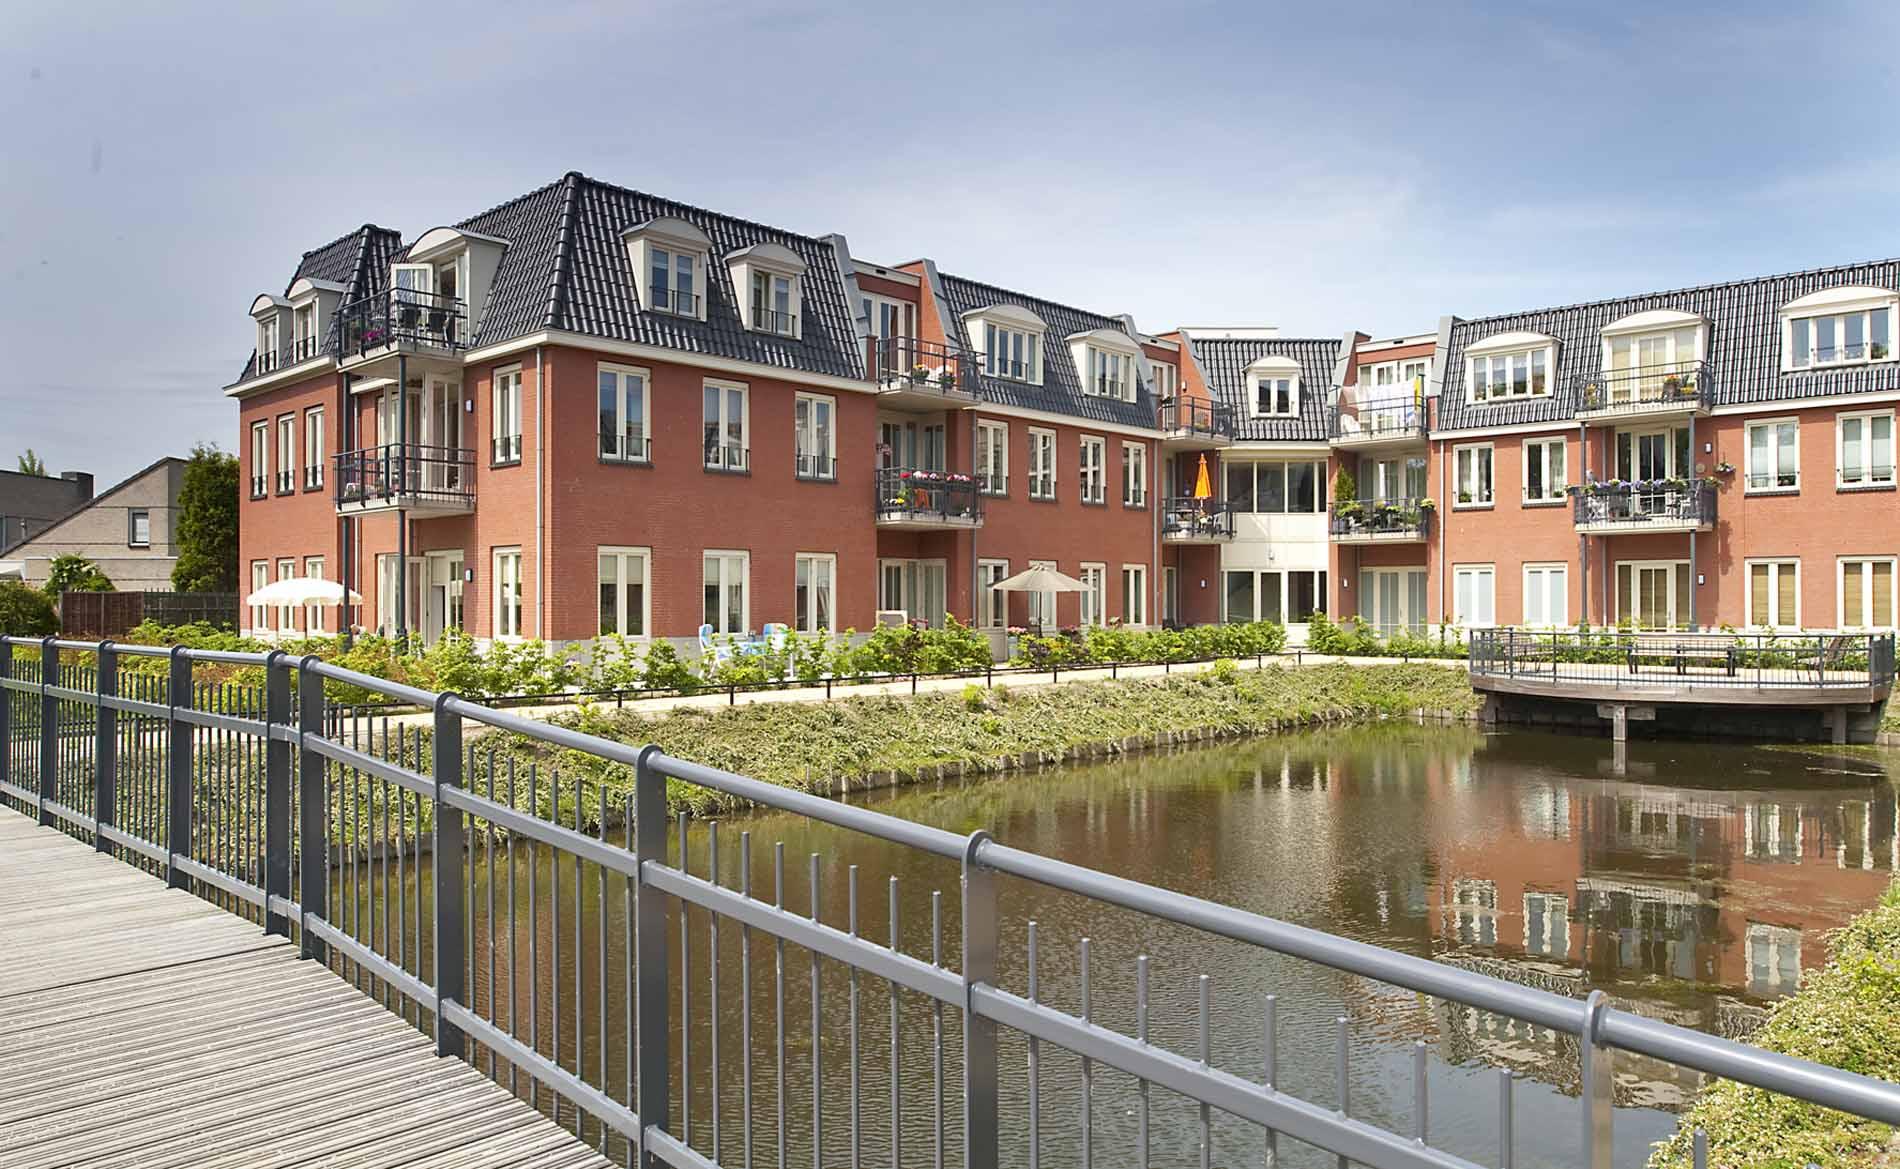 architect woningbouw seniorenappartementen woonzorggebouw Om de Noord Hoogkarspel BBHD architecten